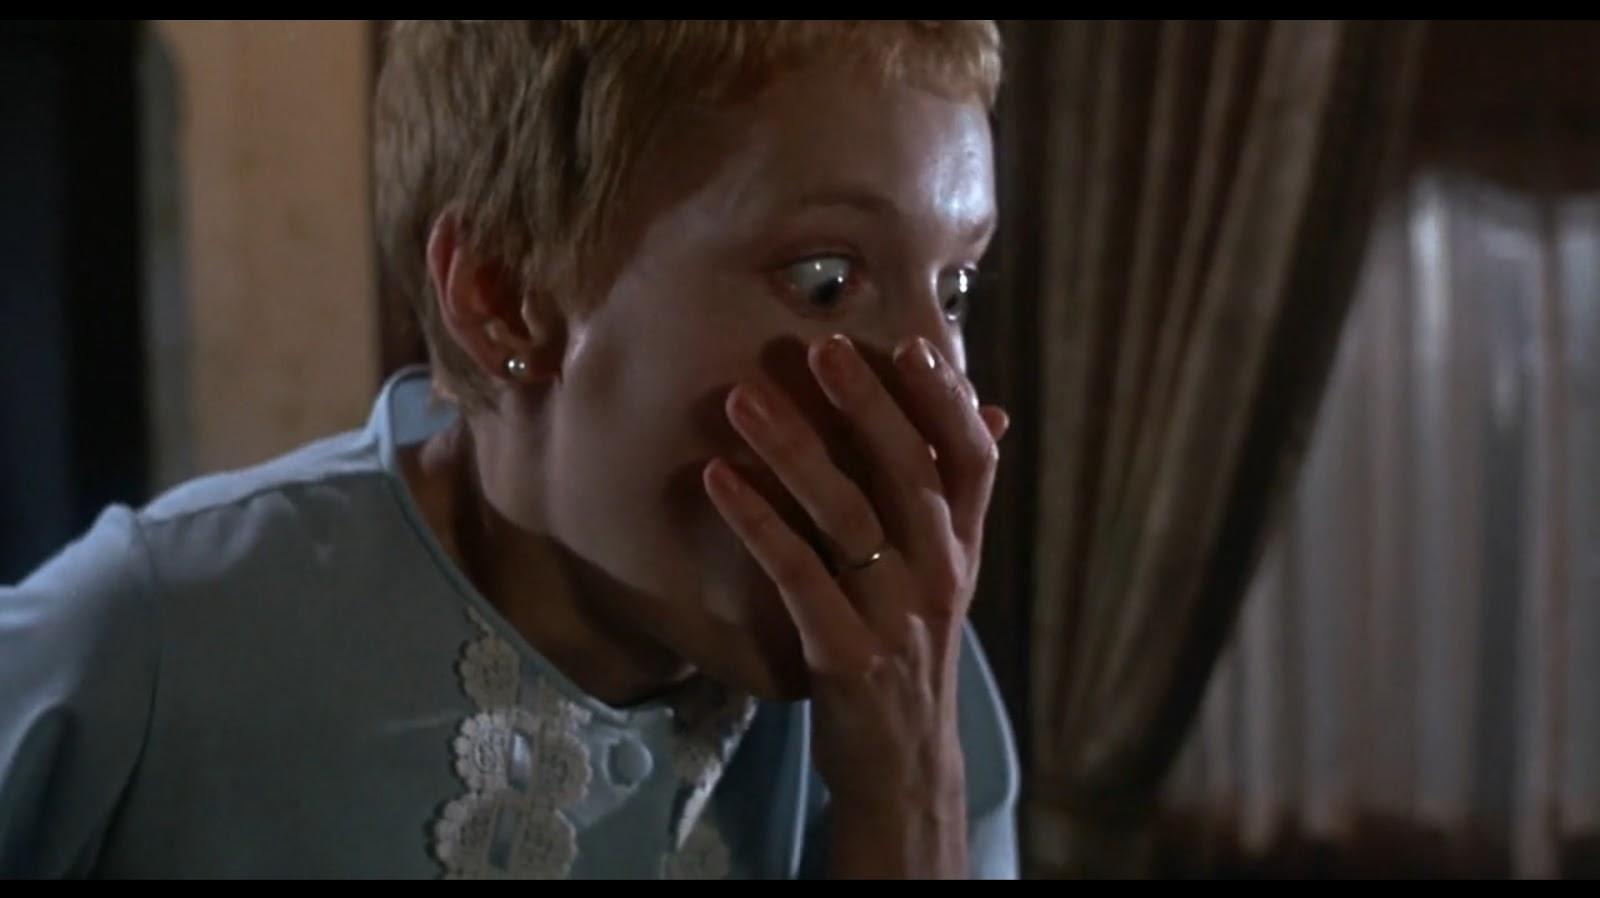 Filmes Mais Assustadores do Cinema de Buteco – O Bebe de Rosemary